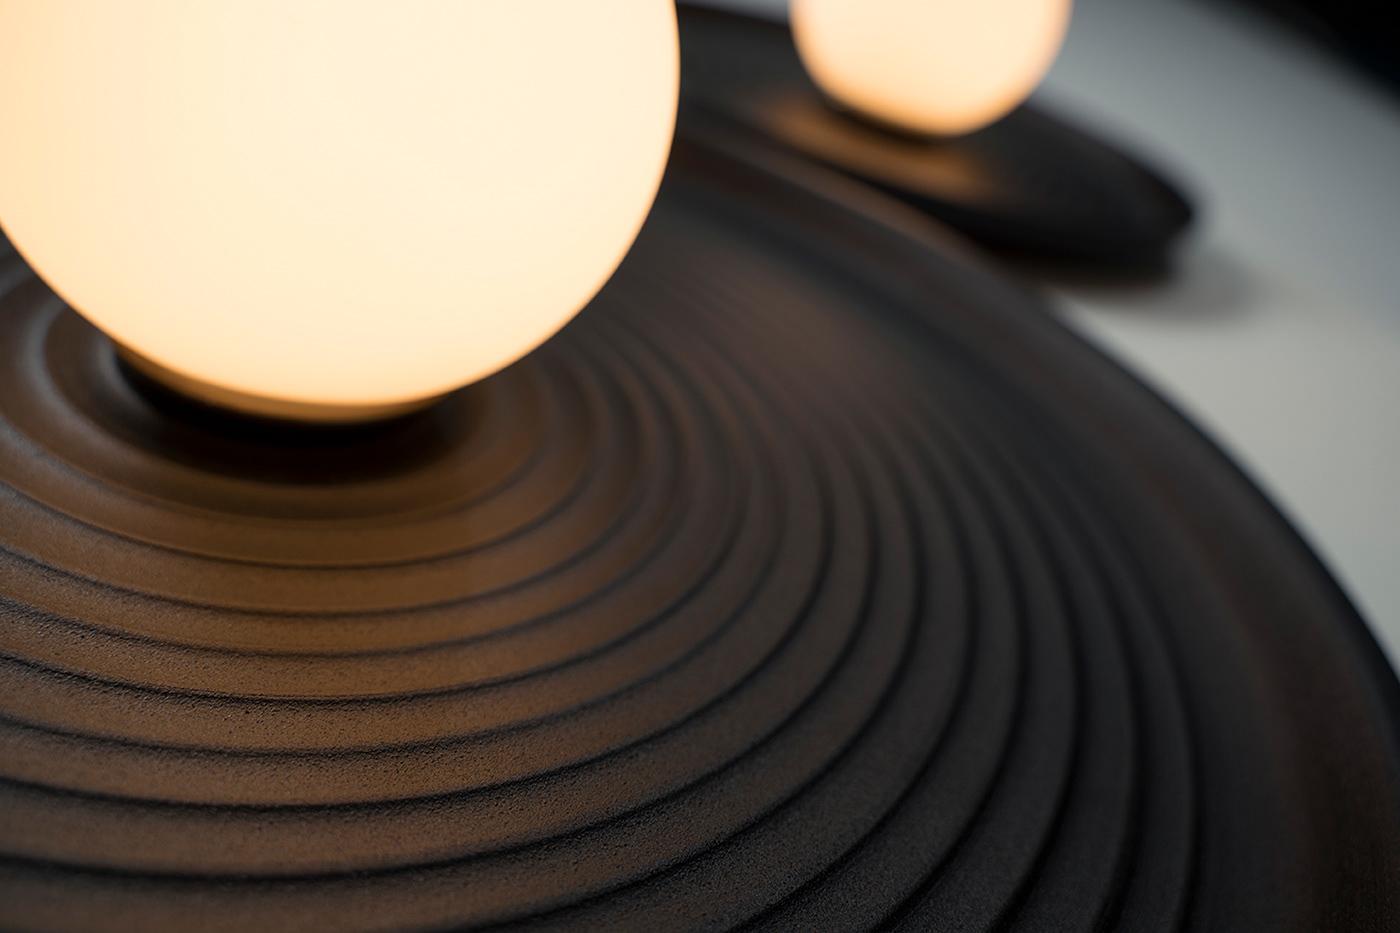 ceramics  ceramics design design Interior interior design  Lamp light lightroom trend ukrainian